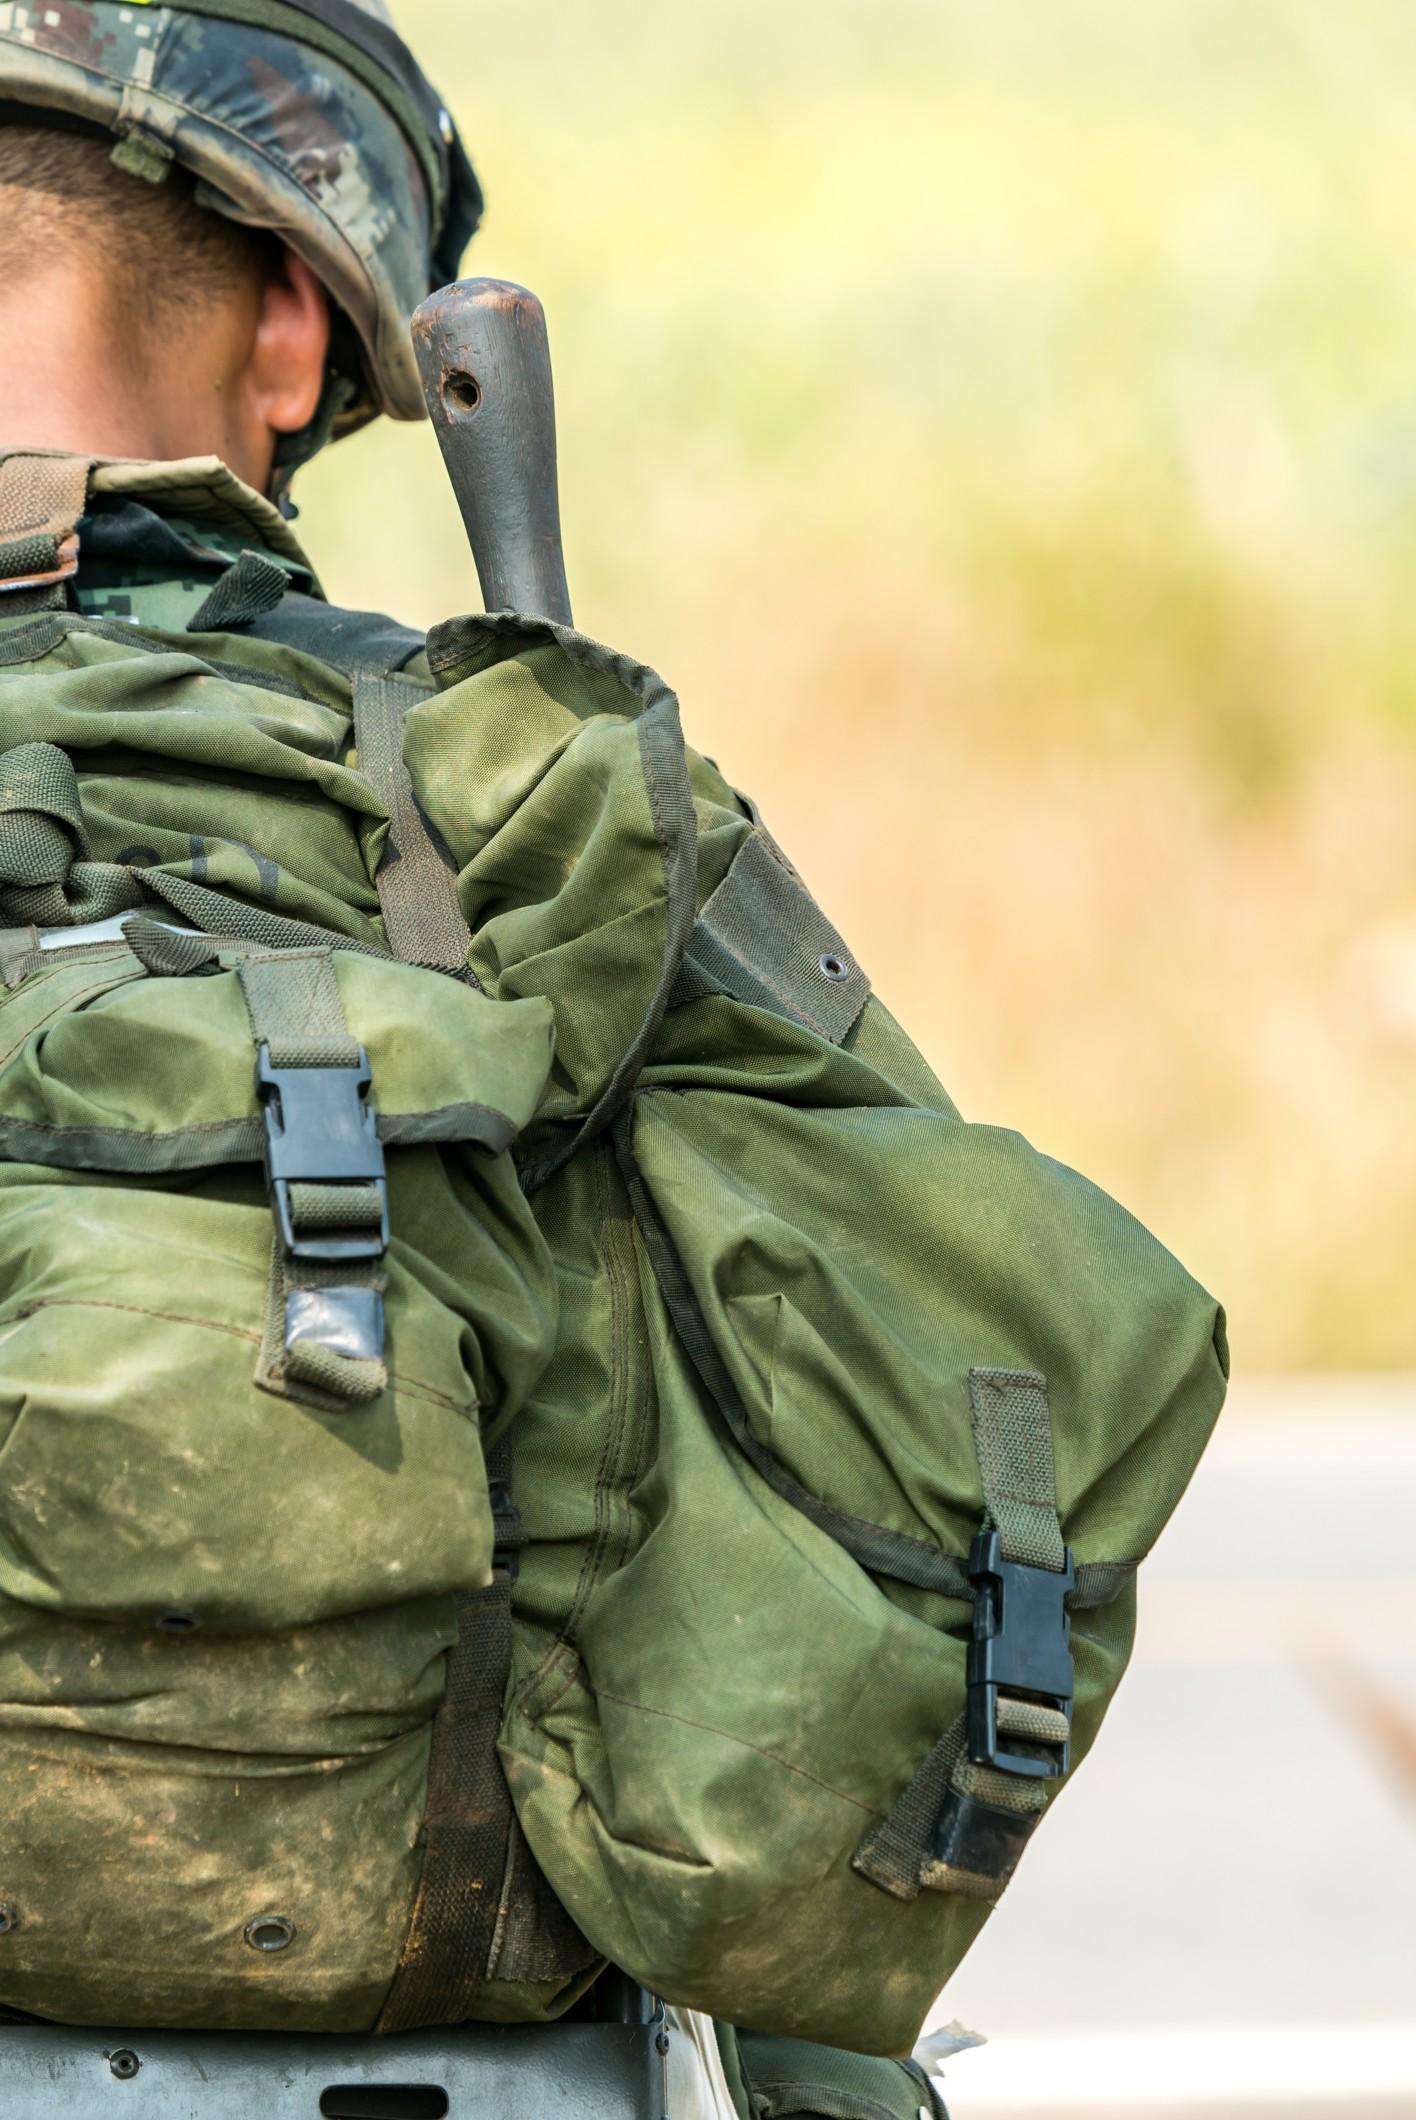 Zostań Żołnierzem Rzeczypospolite| WKU w Mielcu organizuje mobilny punkt promocyjno-informacyjny w Kolbuszowej - Zdjęcie główne